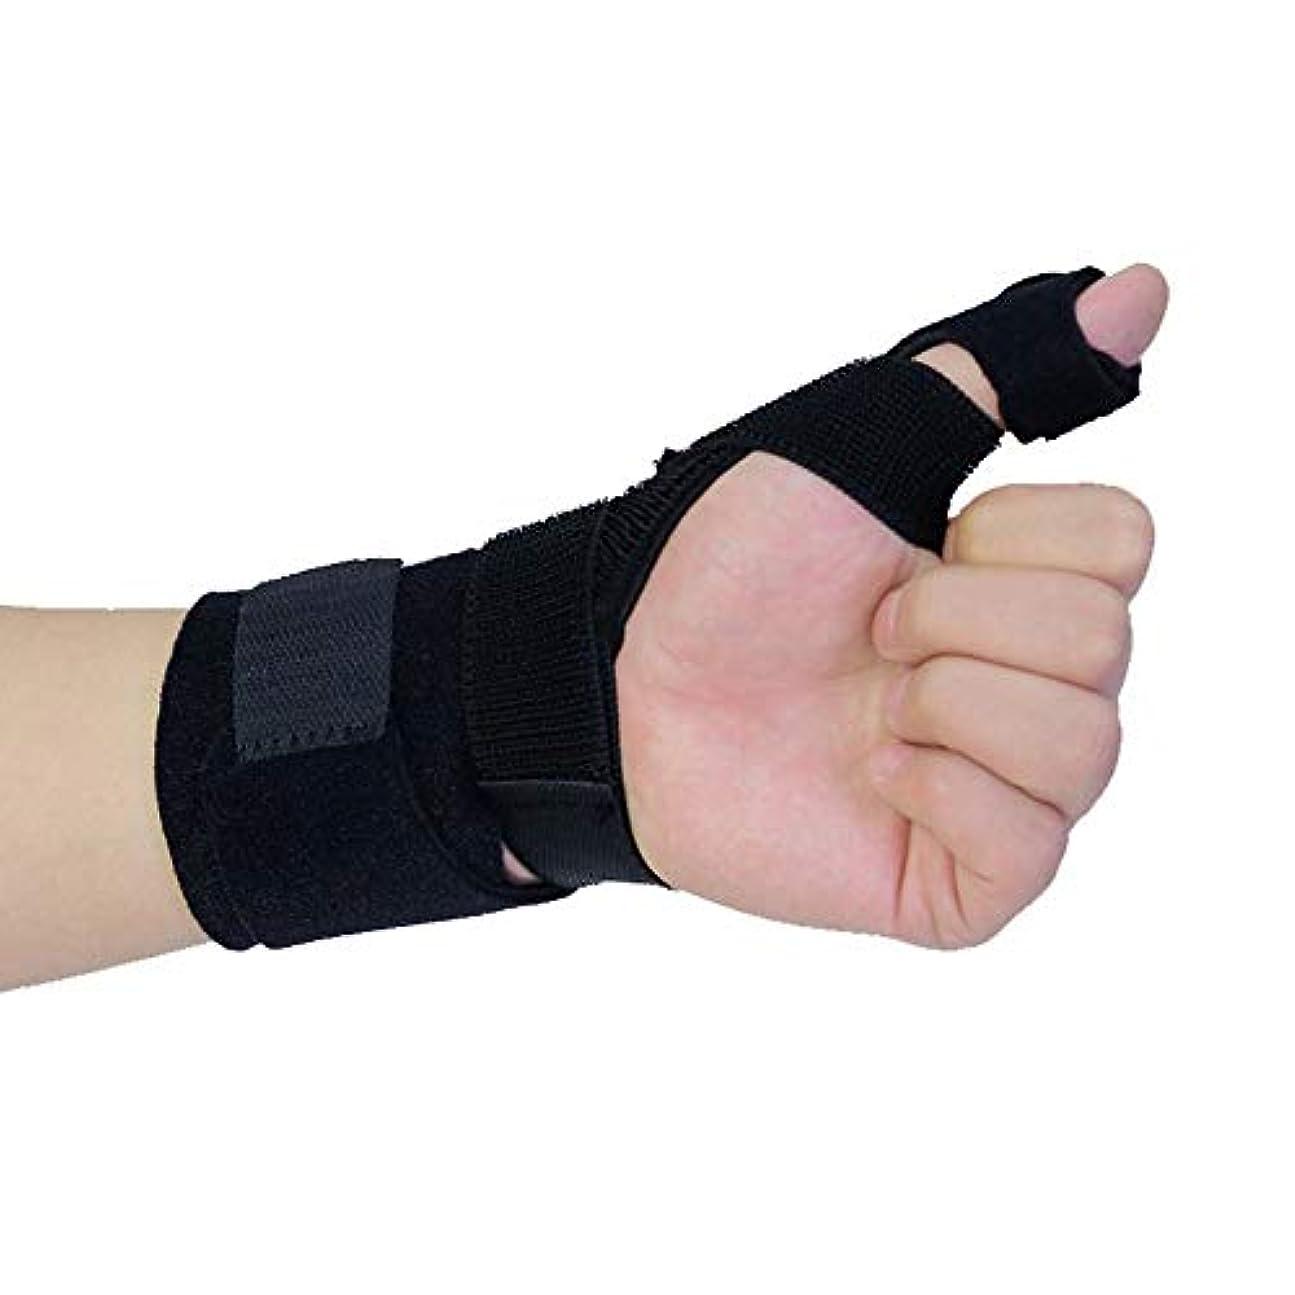 パイントロッド言及する関節炎、腱炎、手根管の痛みの軽減、軽量で 調節可能なサイズに適した調節可能な親指装具プロテクター